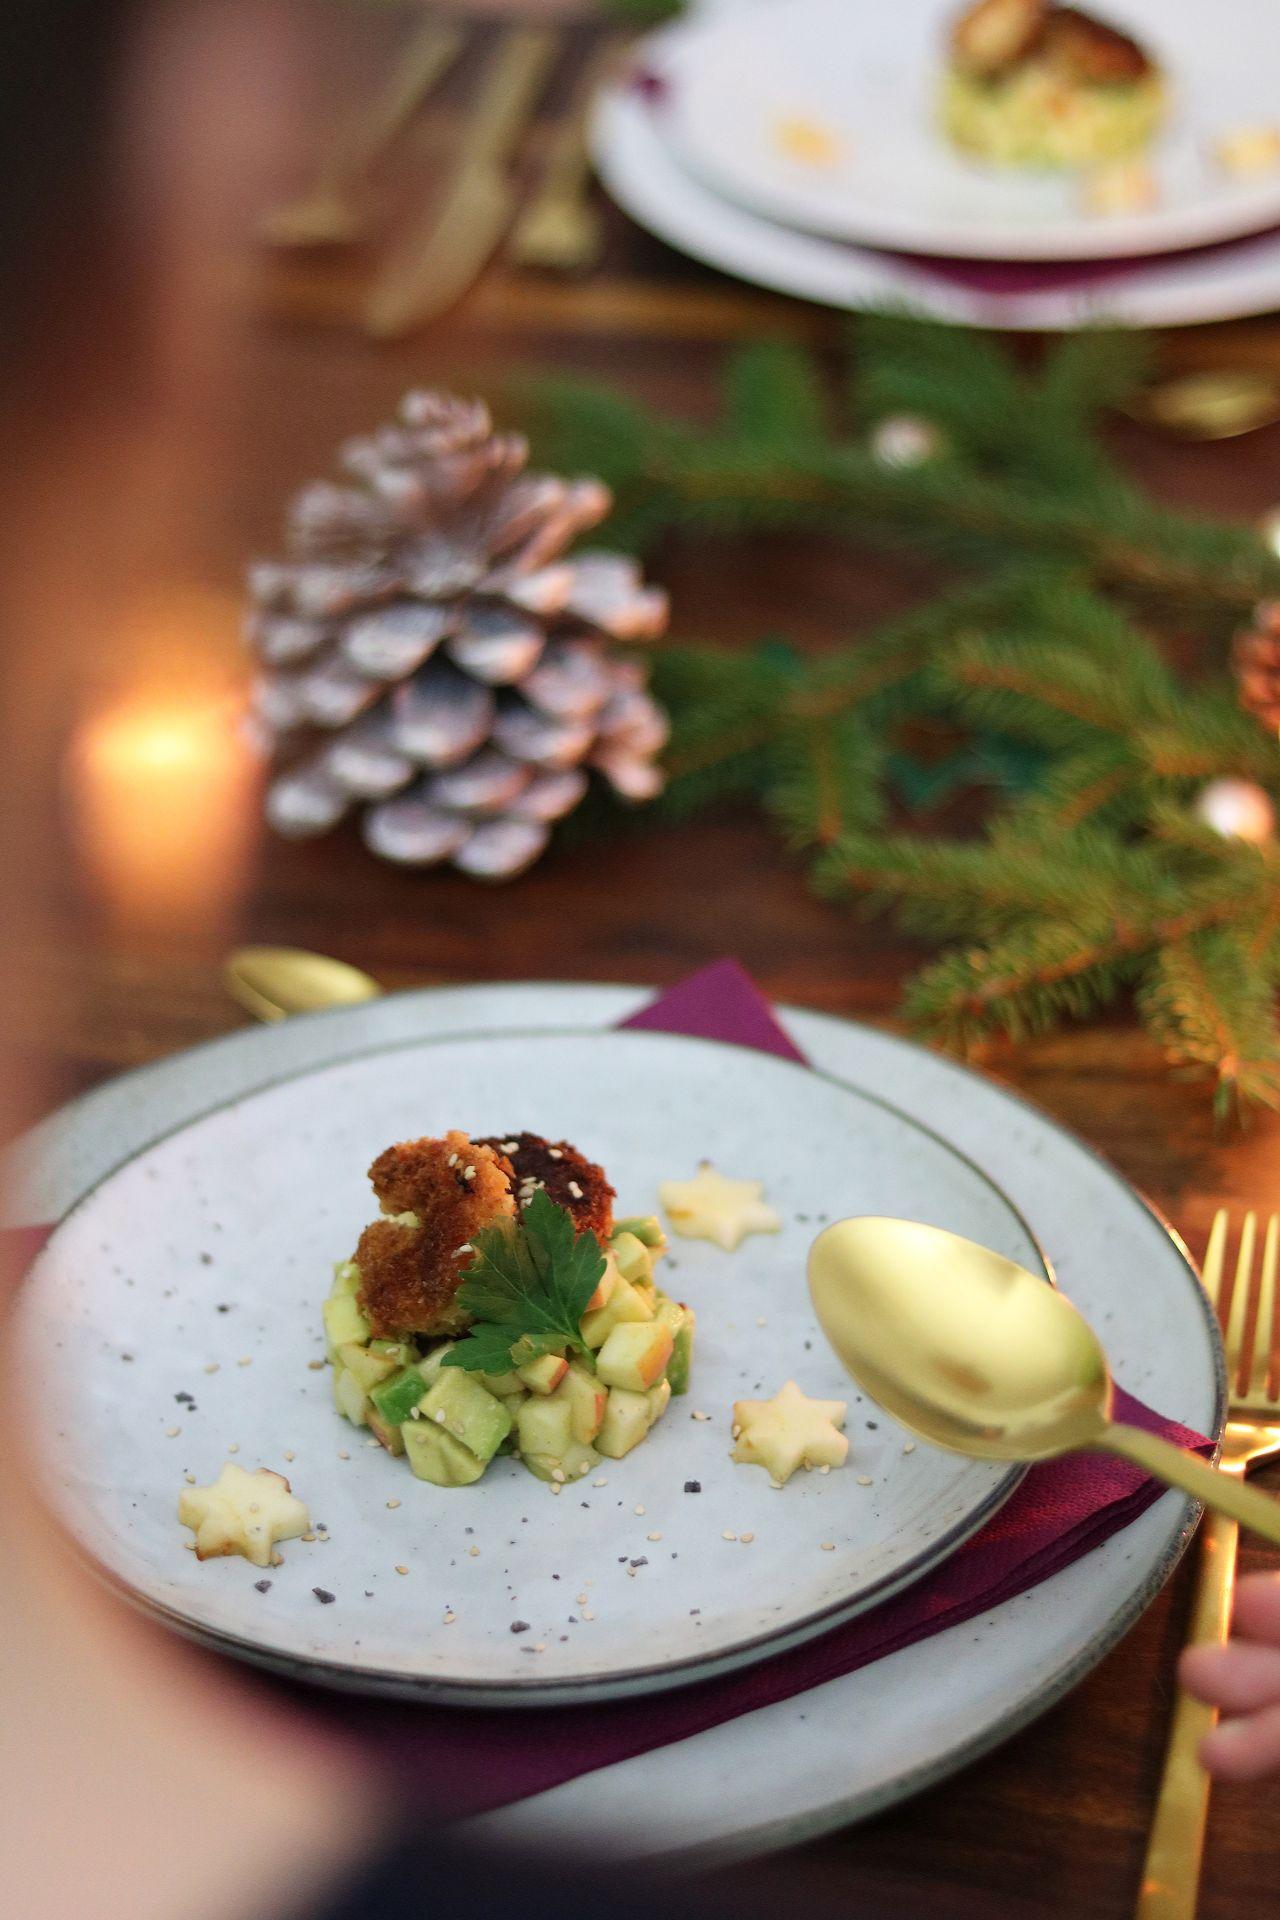 Apfel-Avocado-Salat mit knusprig panierten Garnelen Sterntaler märchenhafte Weihnachten